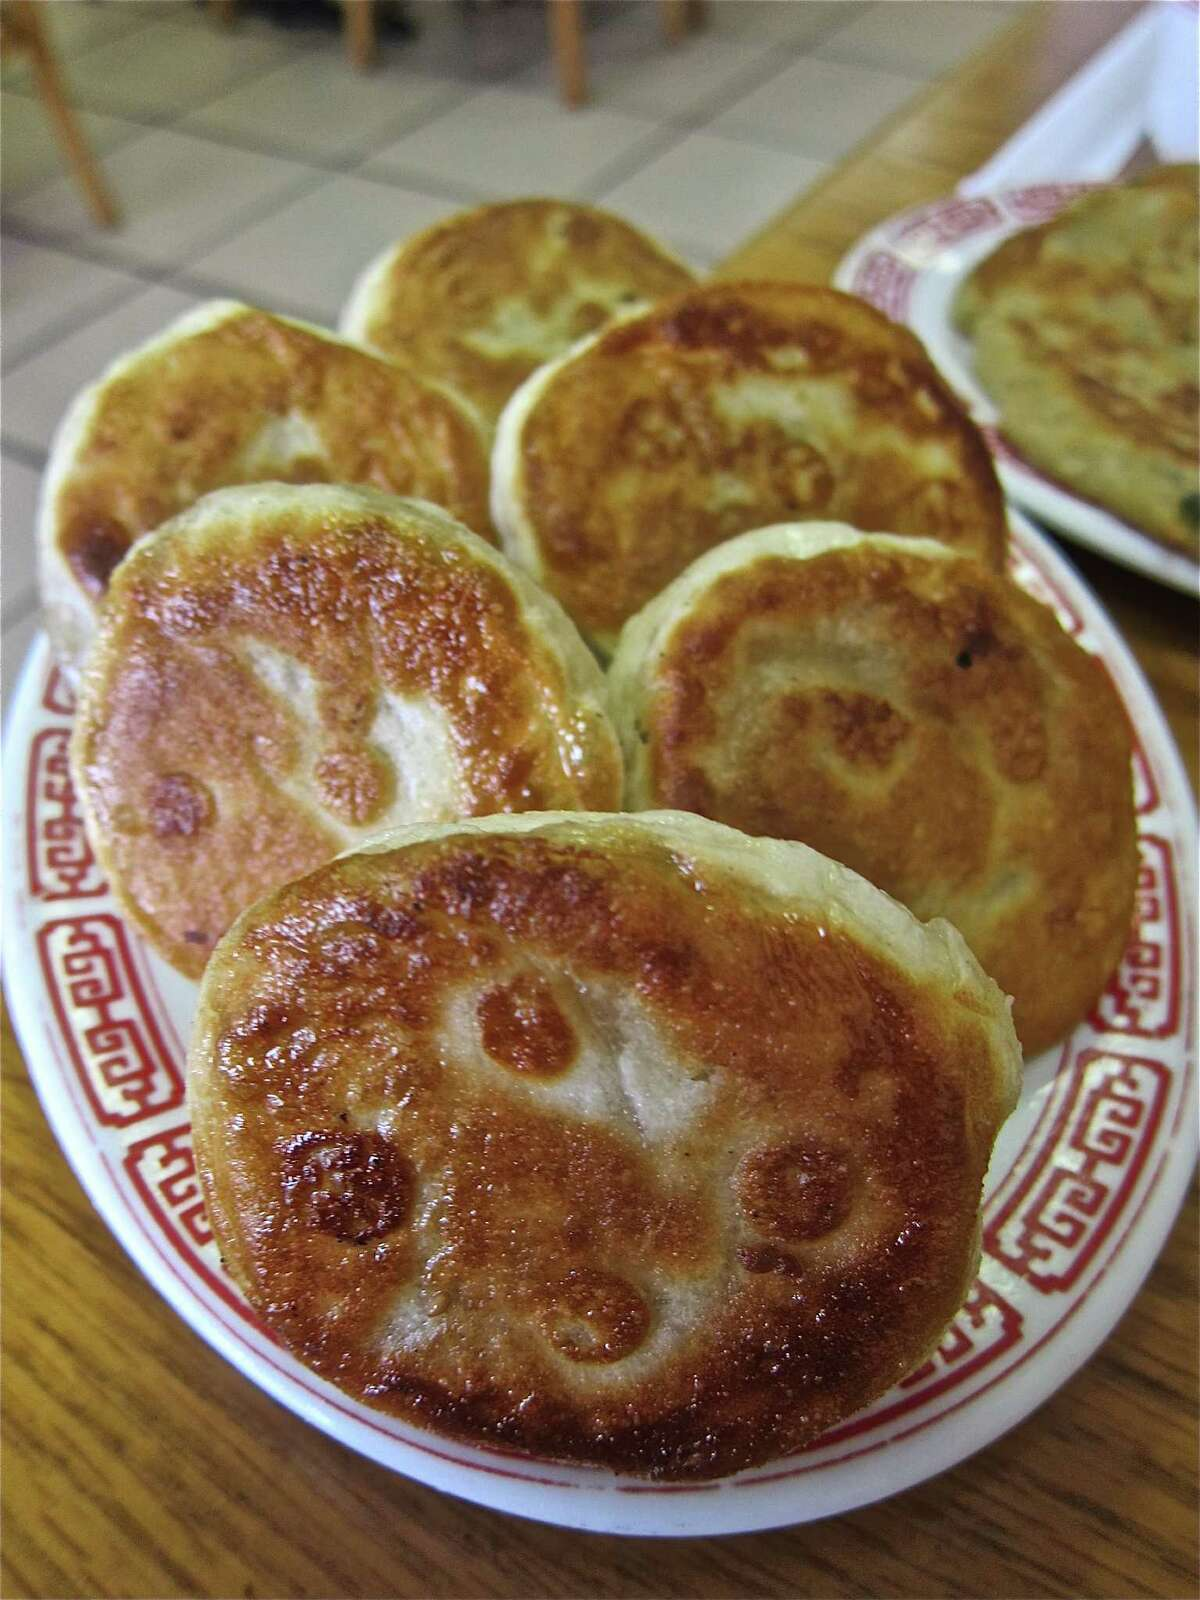 Pan-fried Pork Bun (bao) at Classic Kitchen.